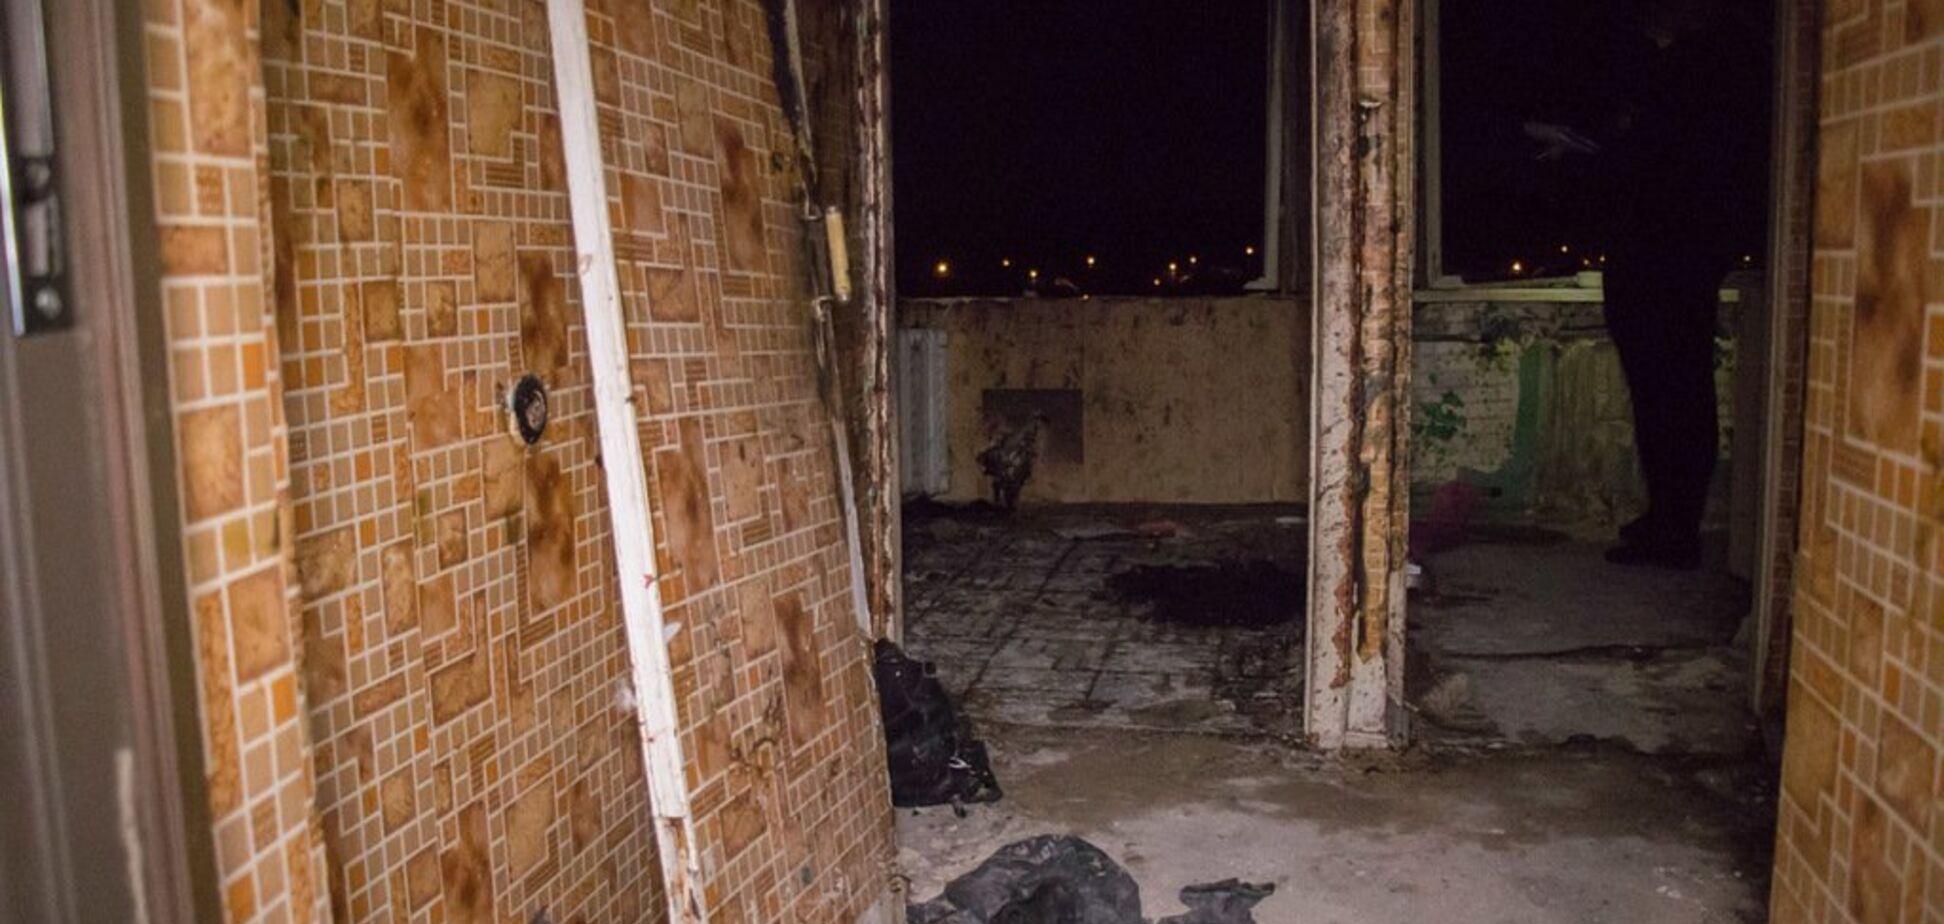 Вылетели окна и двери: в Киеве прогремел мощный взрыв